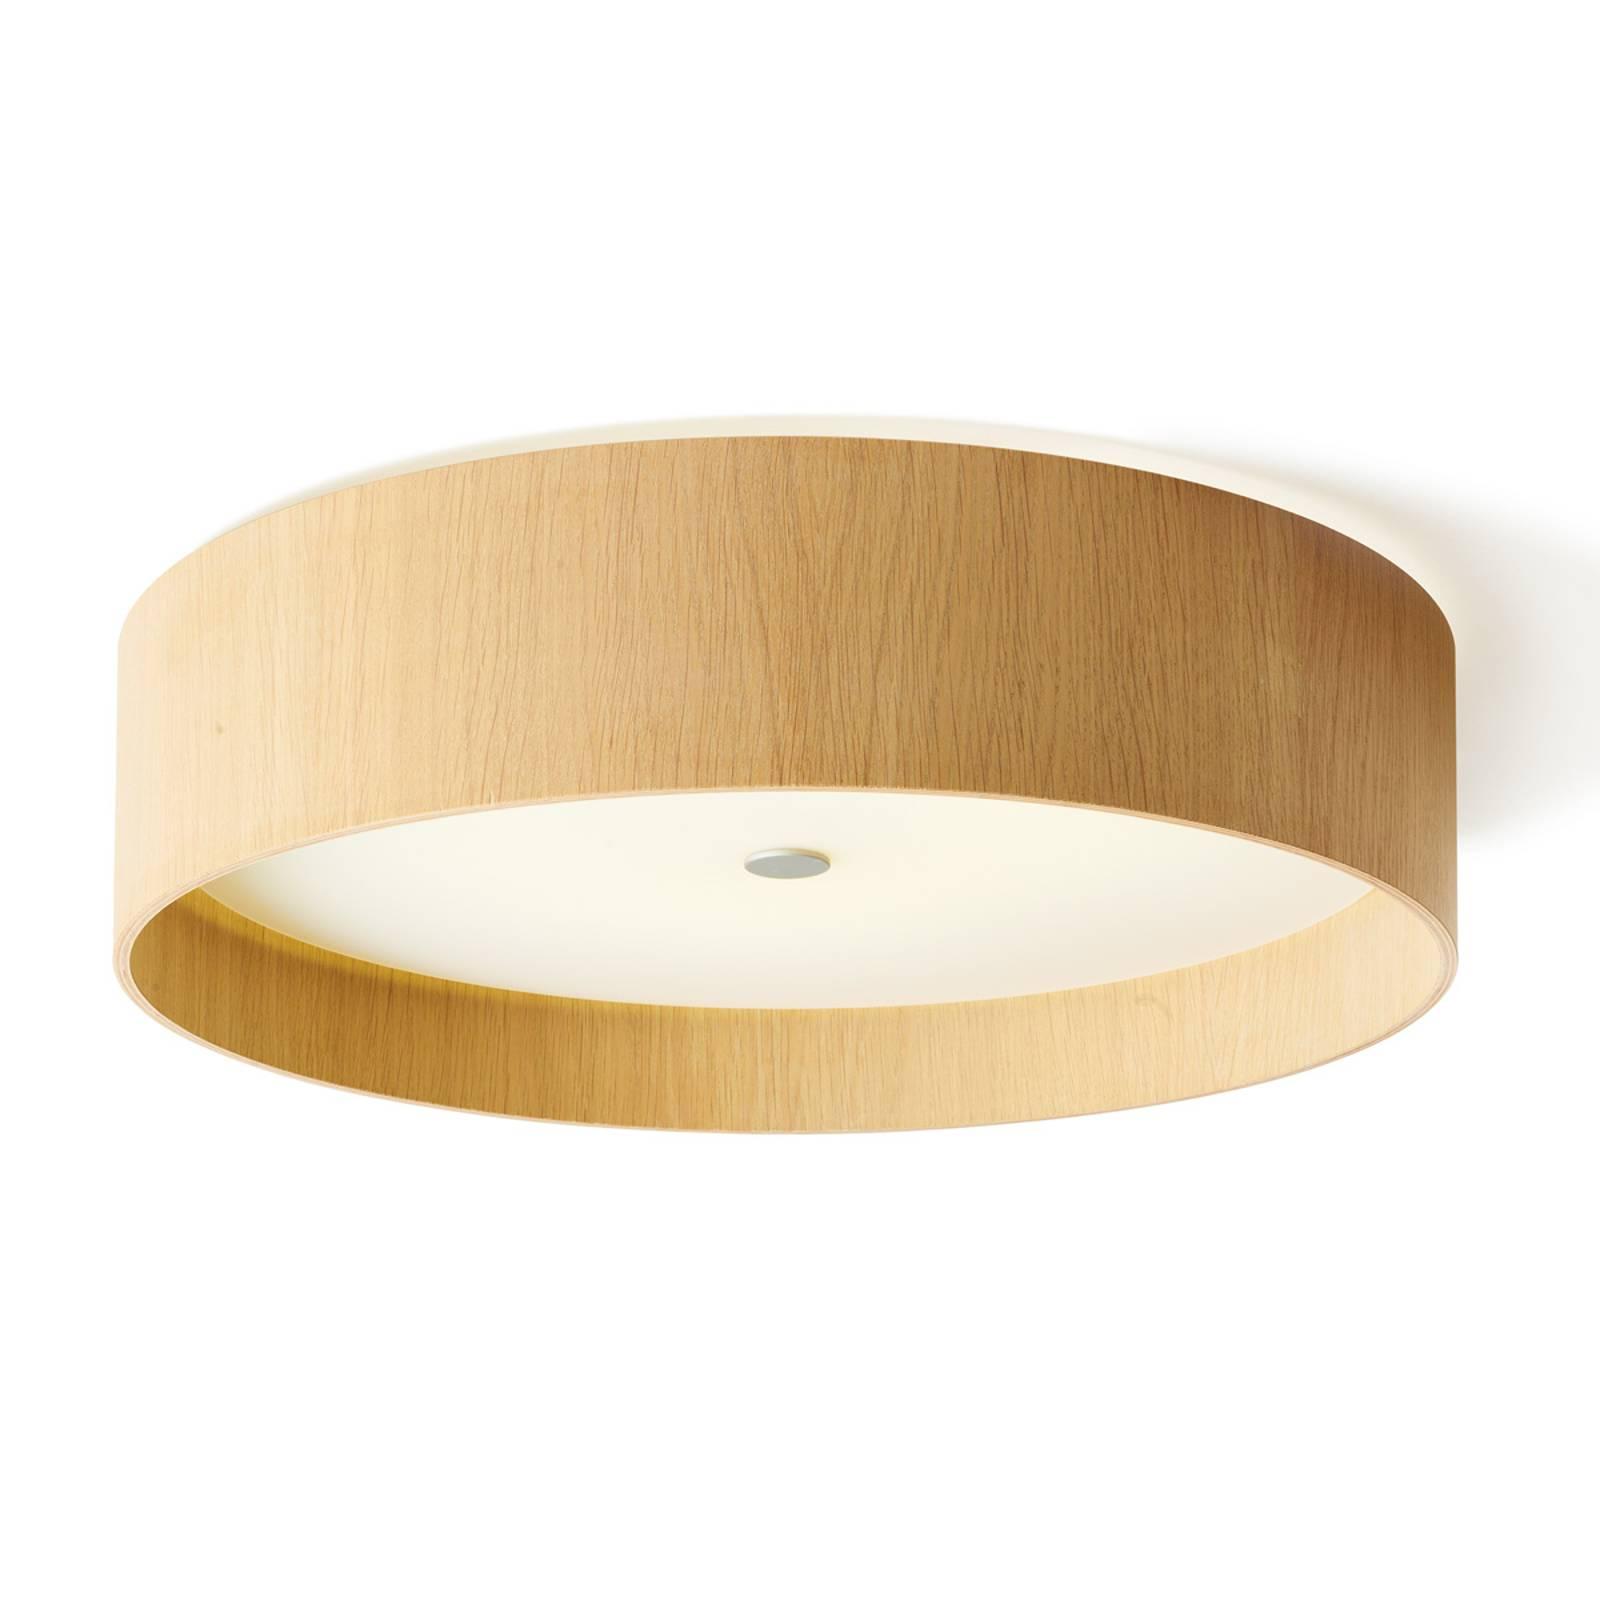 Runde LED-Deckenleuchte Lara wood, Weißeiche 55 cm